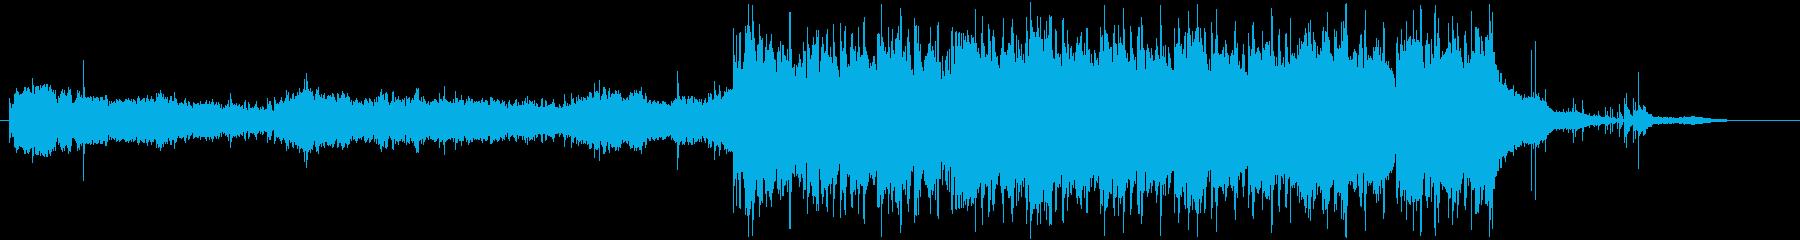 和風でファンタジックなepicBGMの再生済みの波形